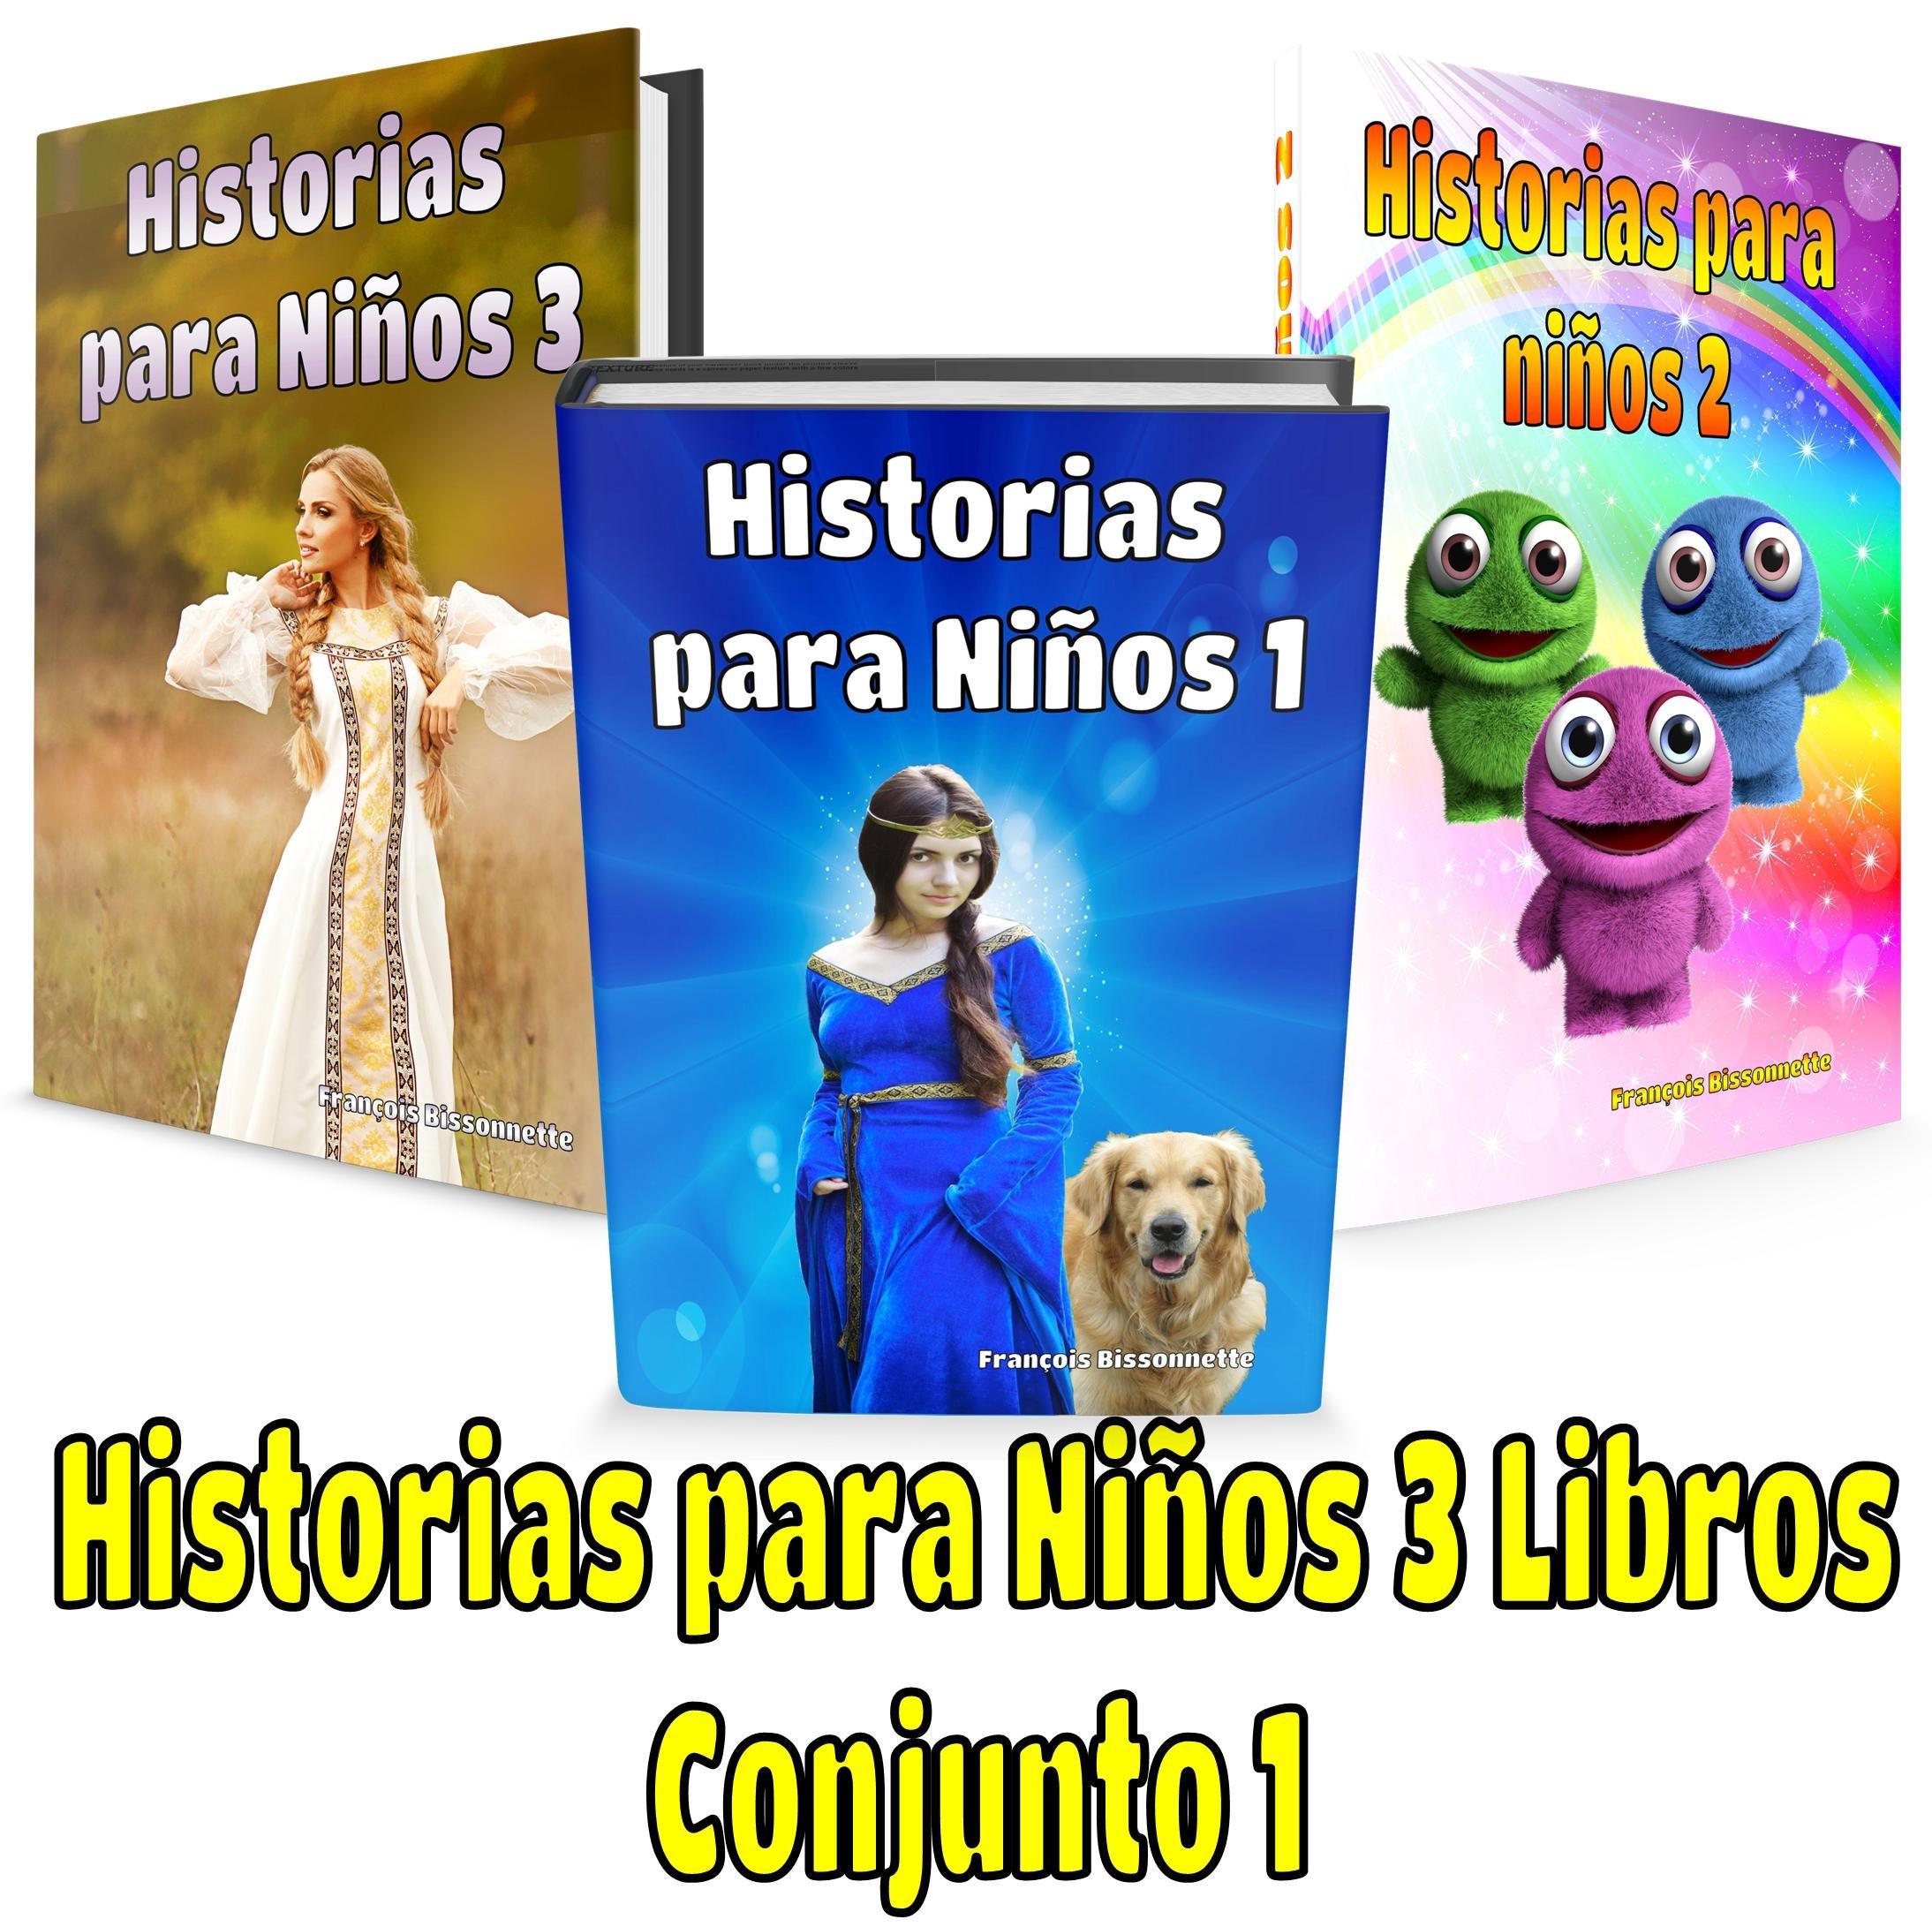 Libro para niños: Historias para Niños 3 Libros - Conjunto 1: Libro infantil - Libro para niños - Libro en Español